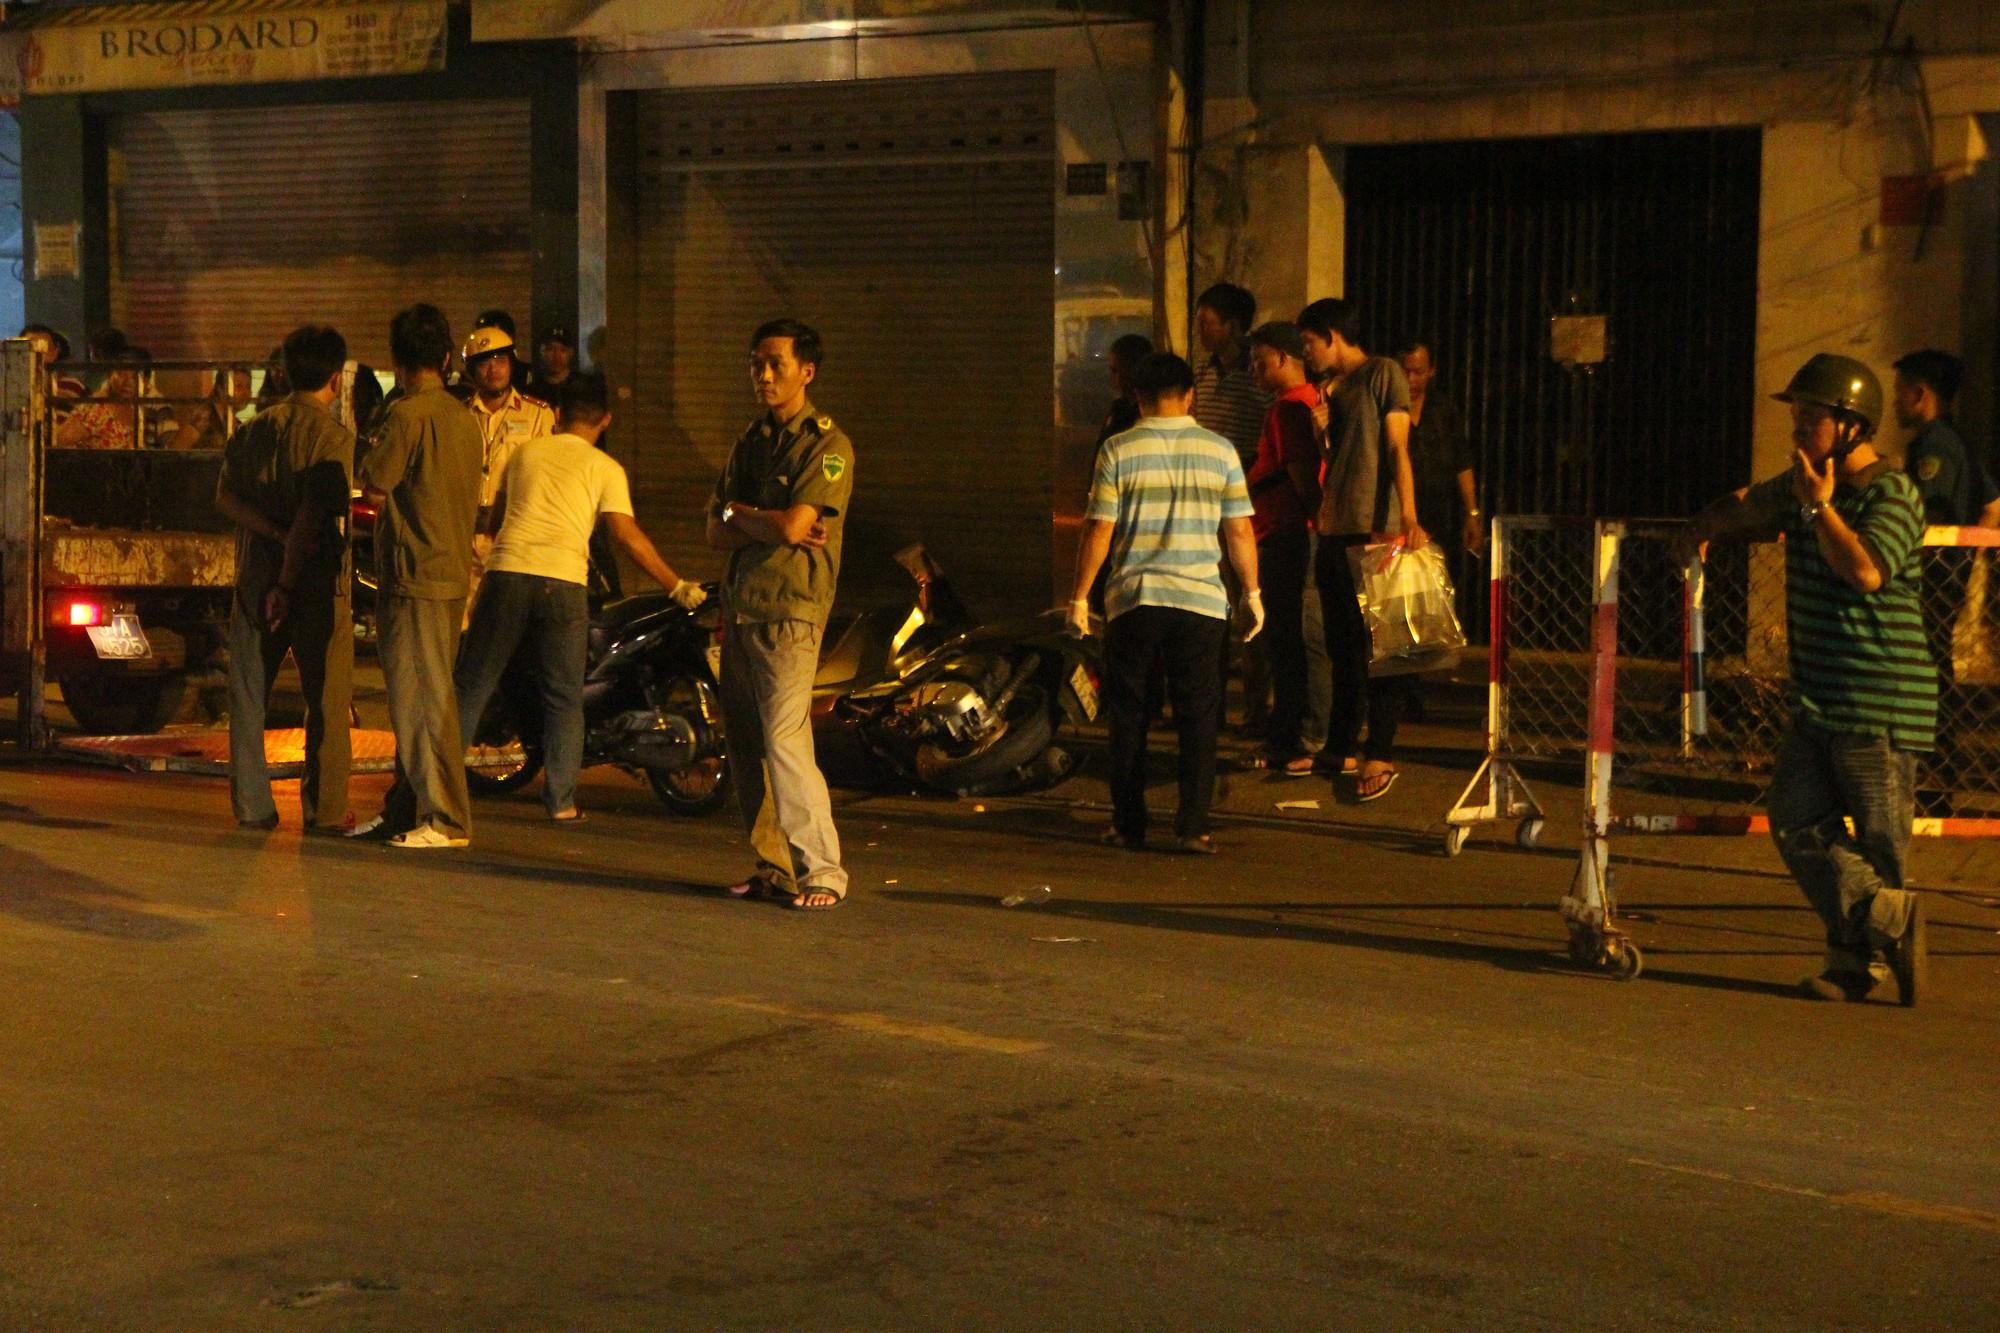 Hiện trường vụ băng trộm SH đâm chết 3 người ở Sài Gòn - Ảnh 3.